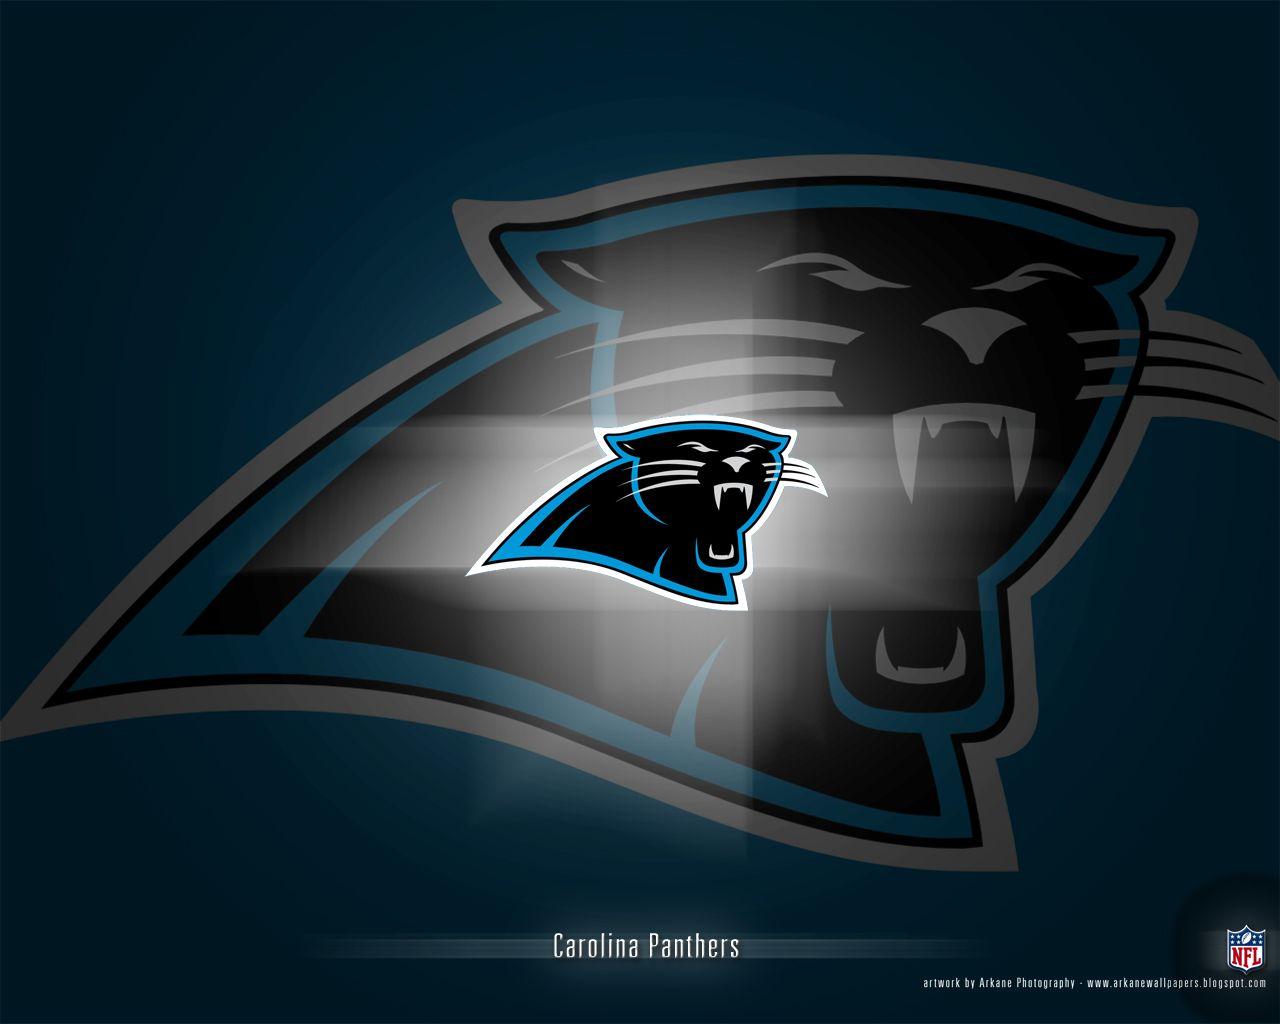 Carolina Panthers Gif Carolina Panthers Wallpaper Images Graphics Ments And Pictures Carolina Panthers Carolina Panthers Wallpaper Nfl Carolina Panthers